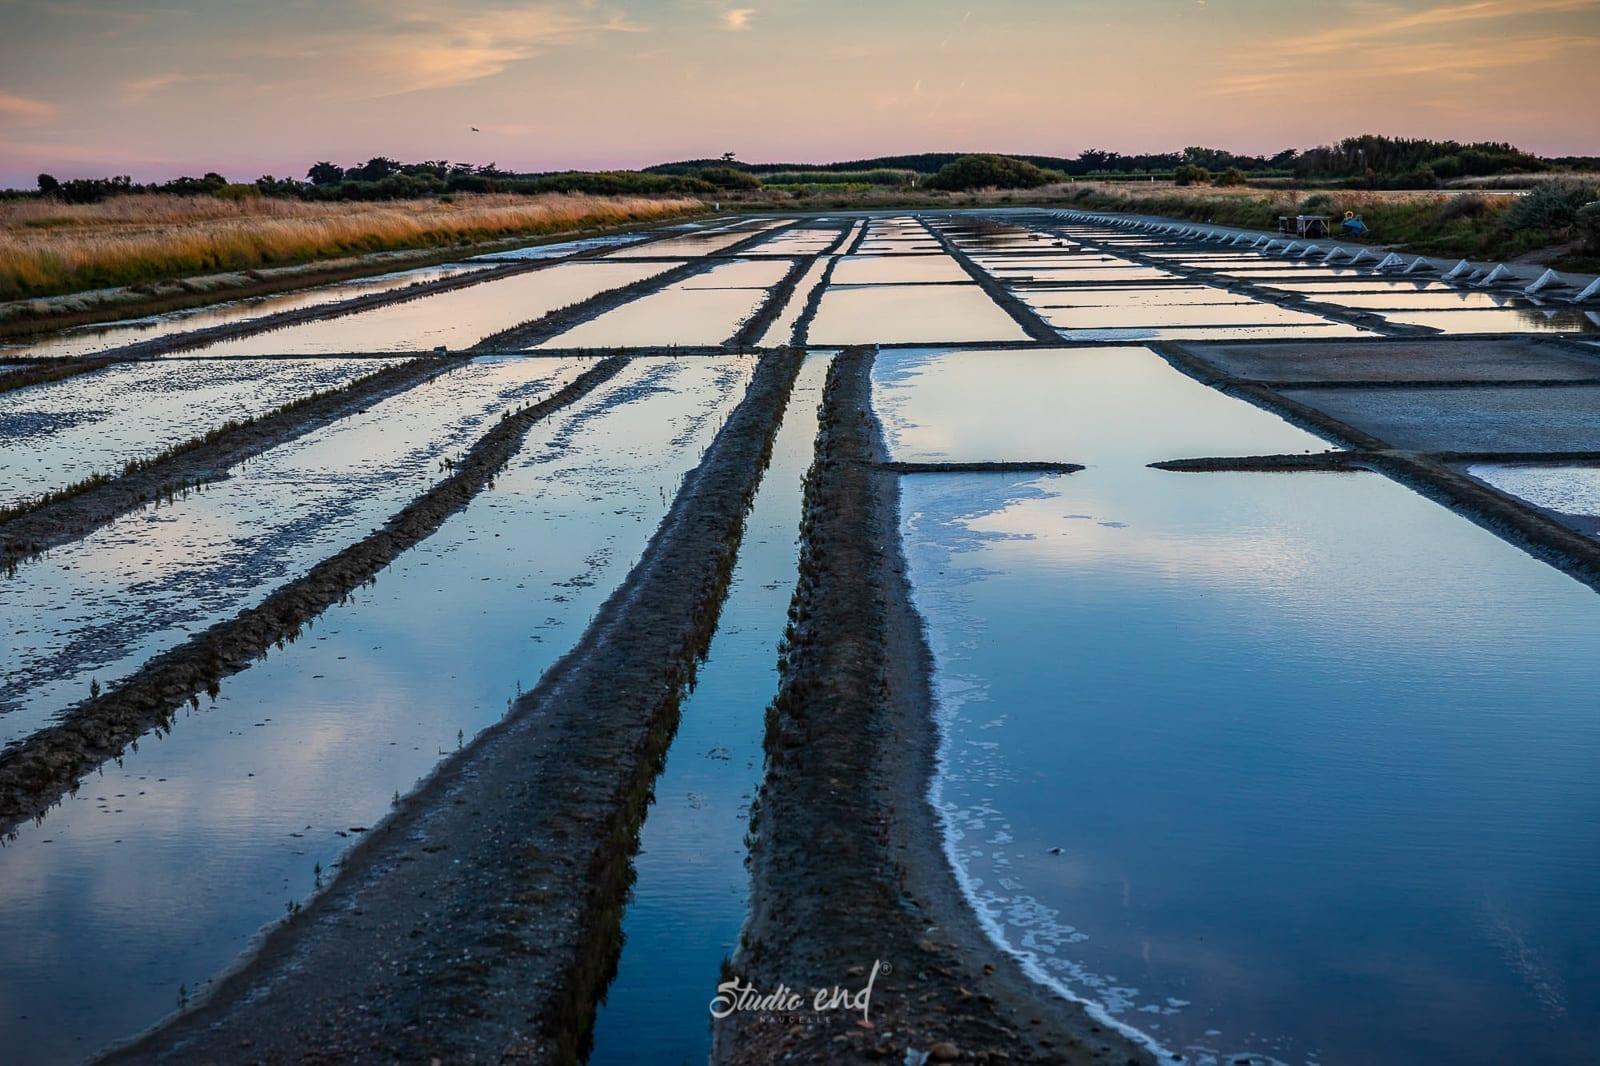 Paysage de l'ile de ré en France, photographe Aveyron